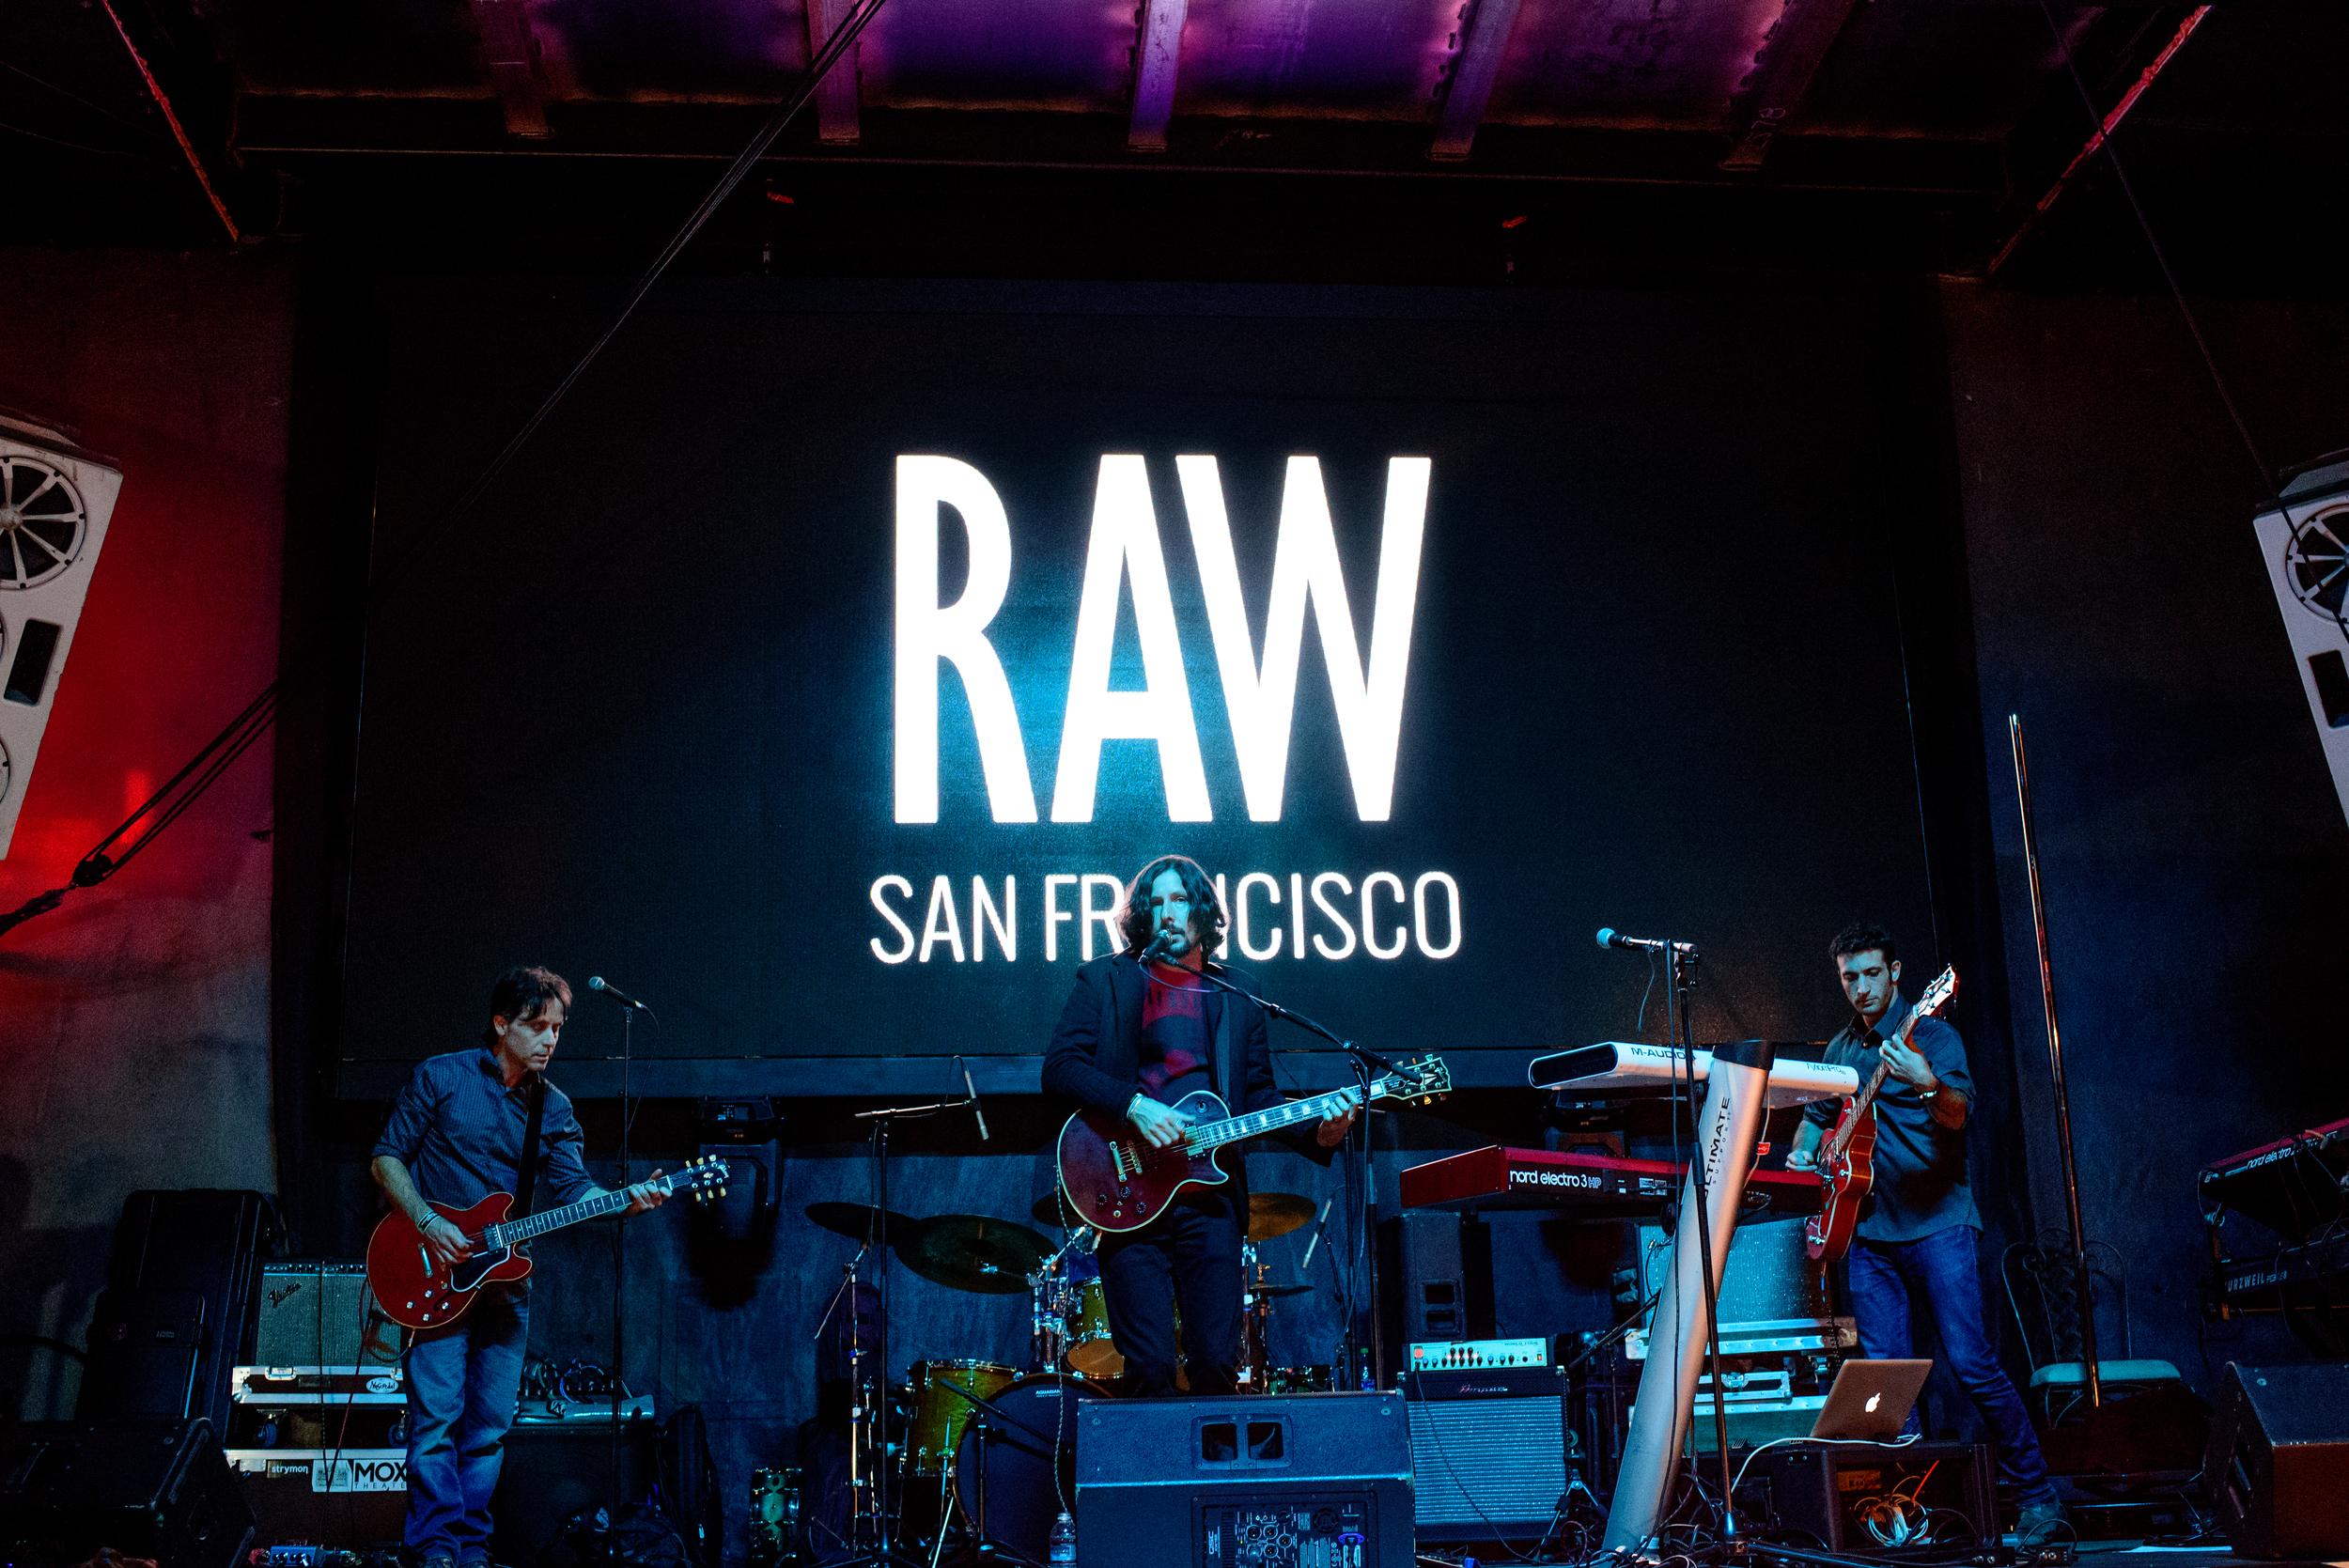 Live at RAW SF Showcase 1-27-16